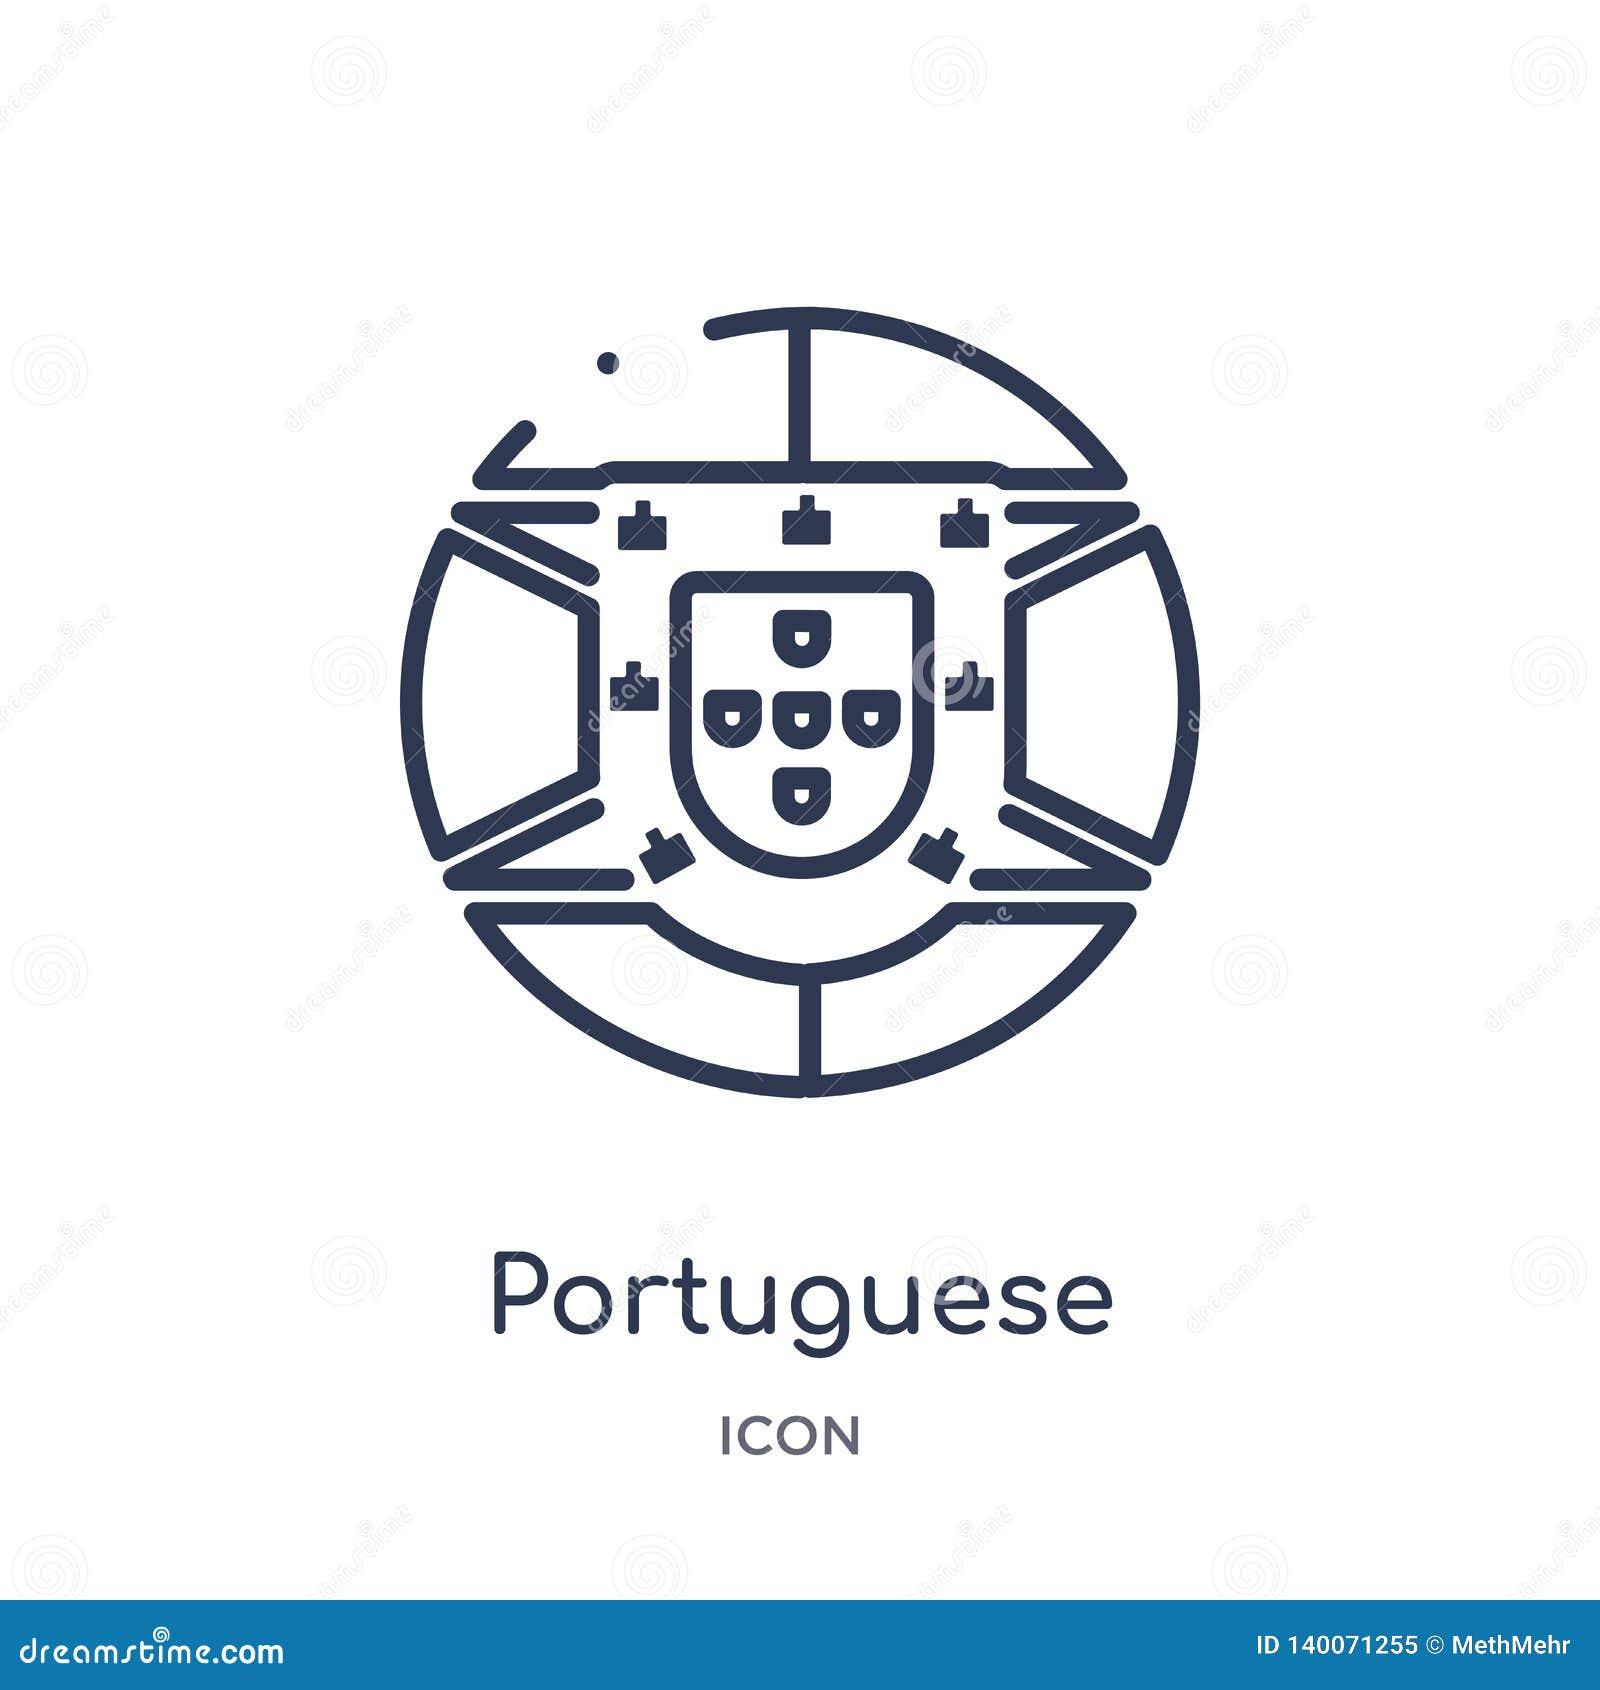 Ícone português linear da coleção do esboço das culturas Linha fina ícone português isolado no fundo branco na moda português